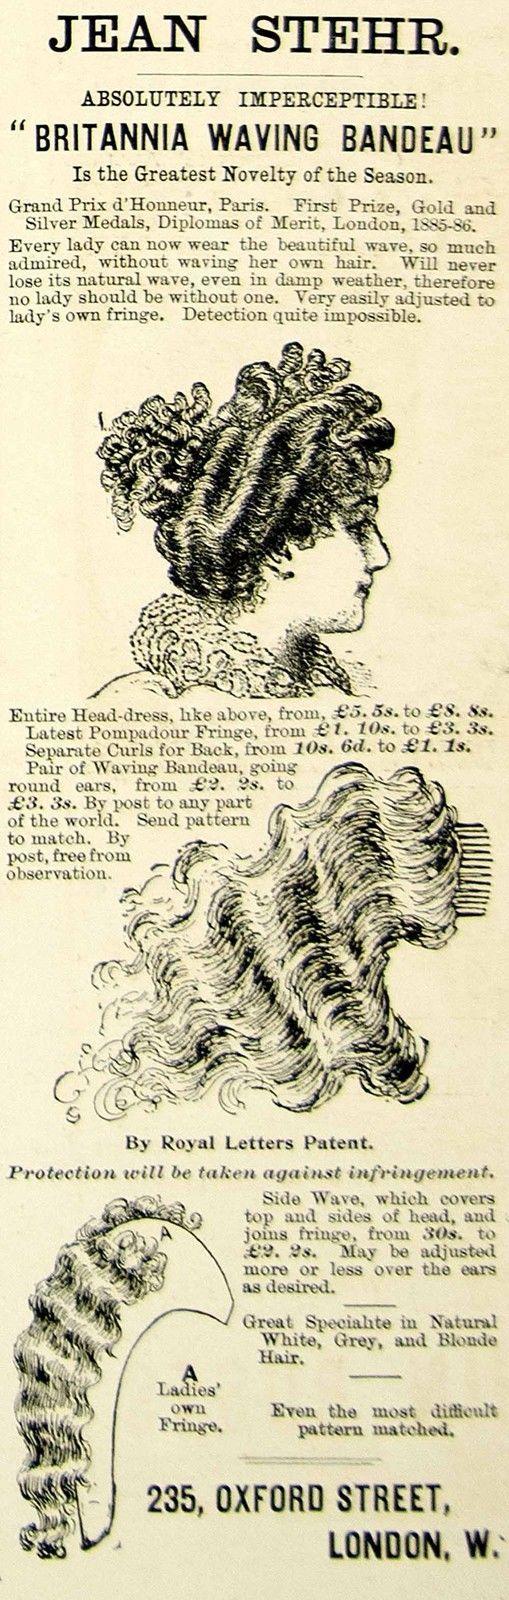 1895 Ad Antique Victorian Fashion Hair Wigs Fringe Jean Stehr Hairdresser London | eBay